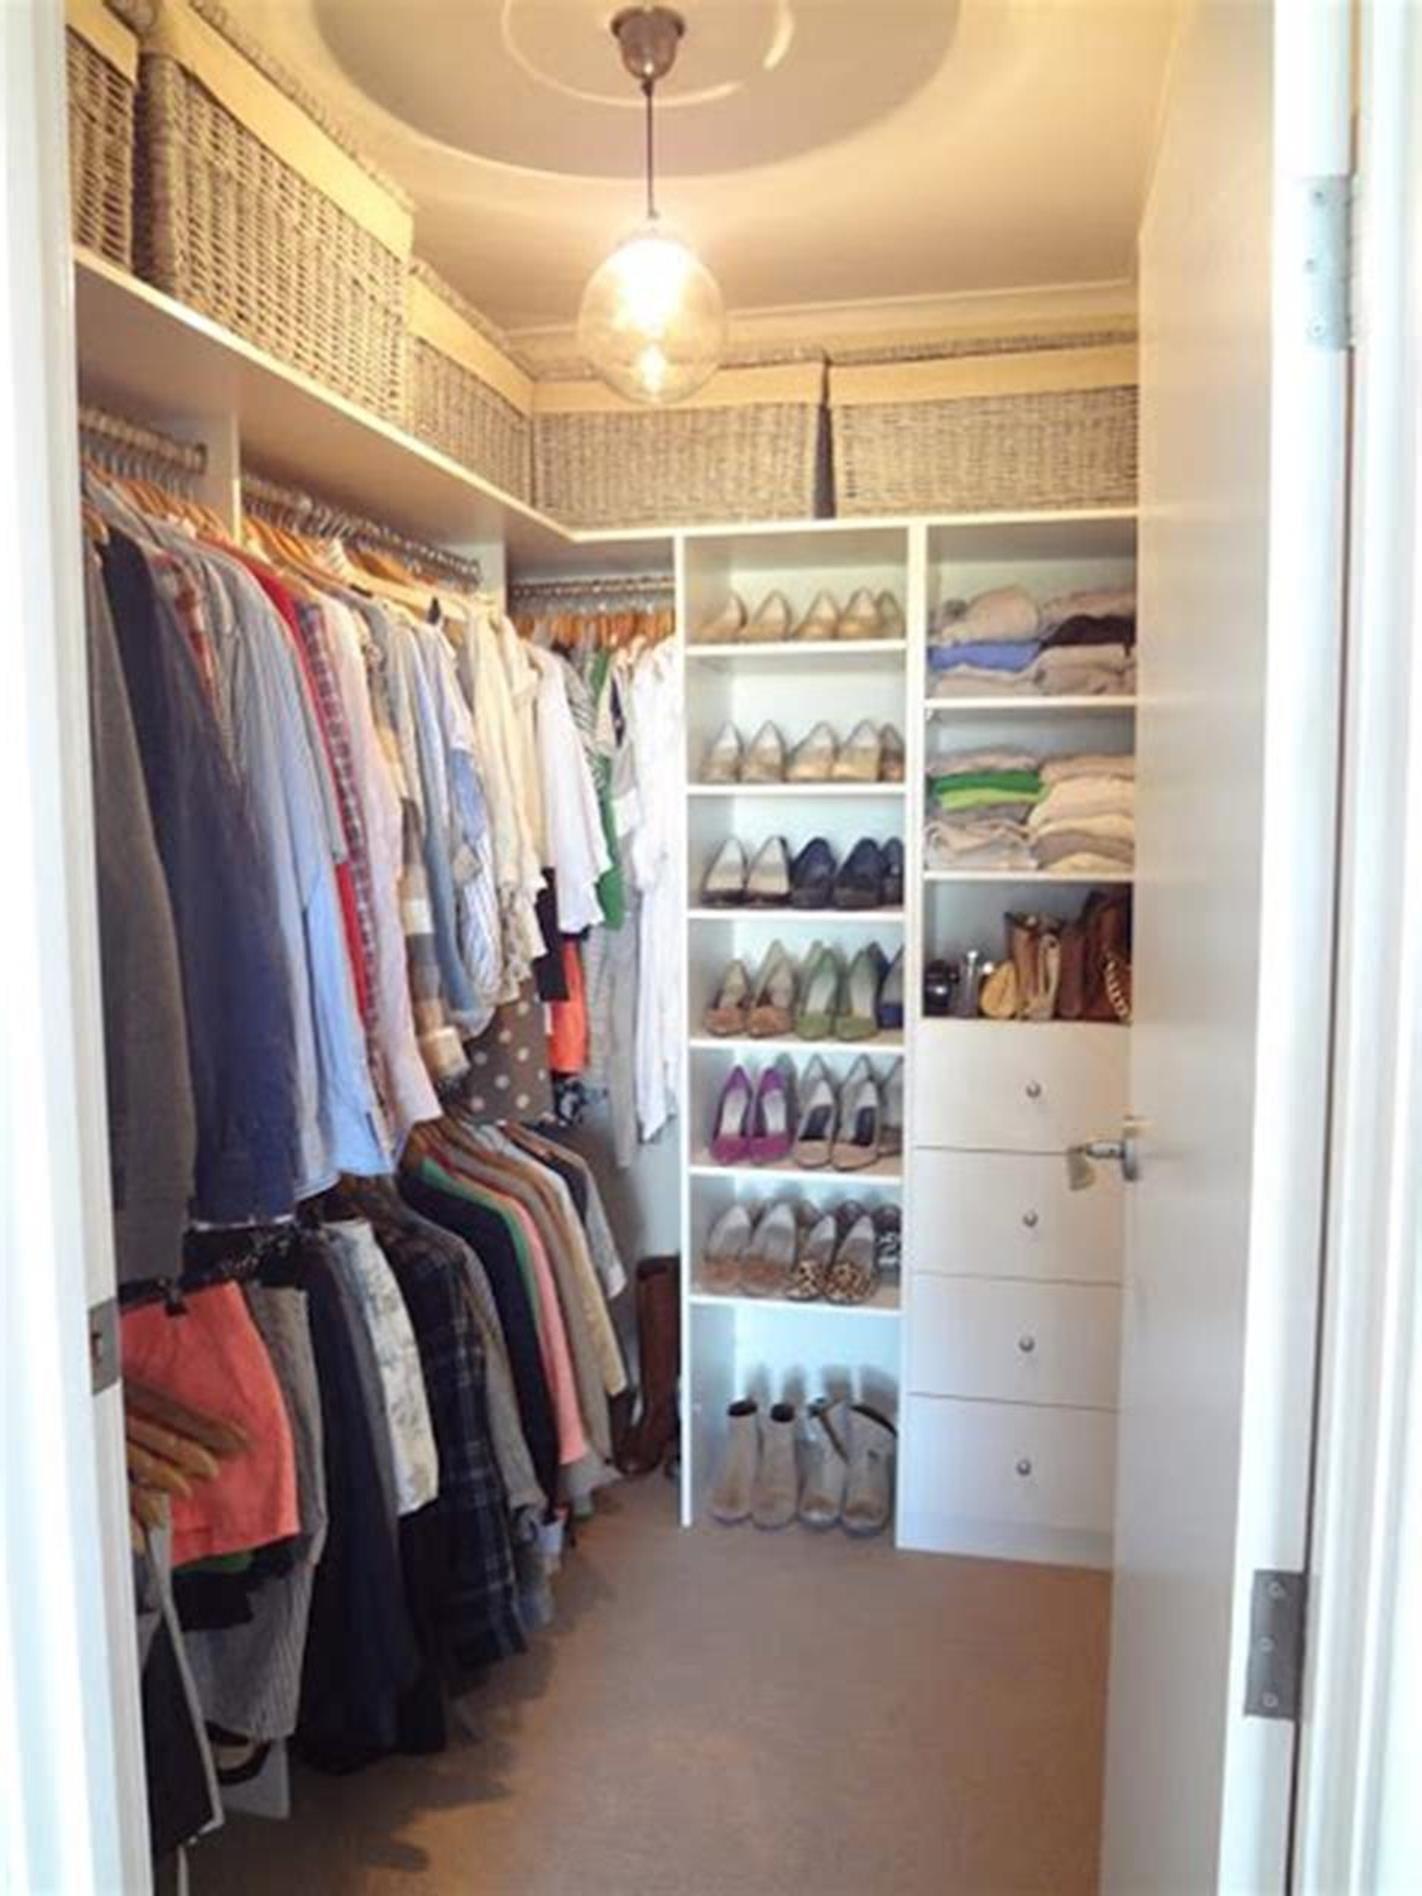 32 Fabulous Small Walk In Bedroom Closet Organization Ideas 56 In 2020 Bedroom Organization Closet Organizing Walk In Closet Closet Layout